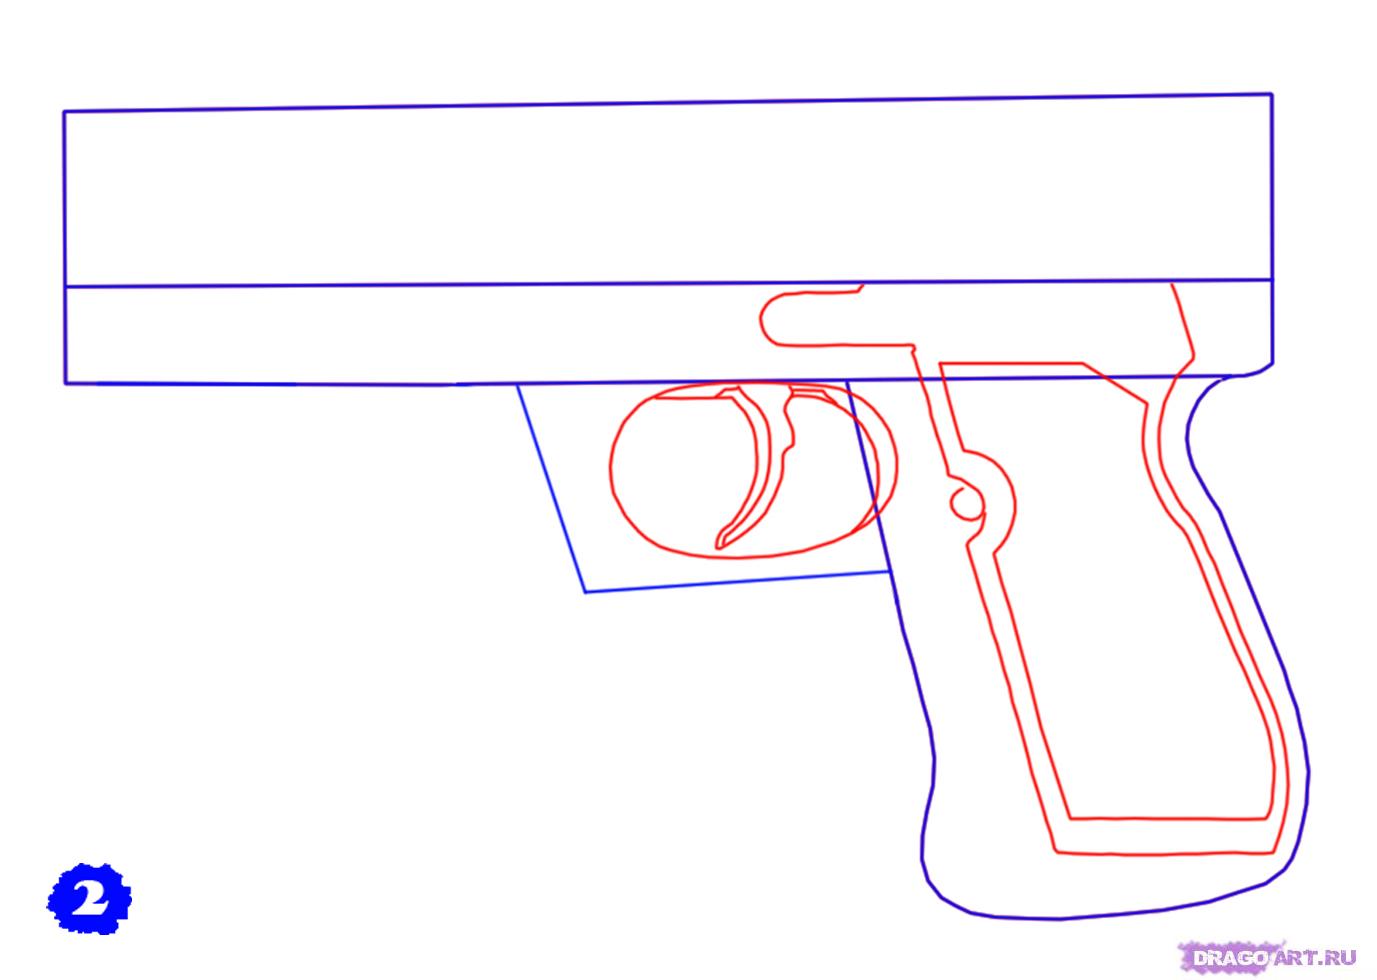 how-to-draw-a-beretta-92-gun-step-2.jpg